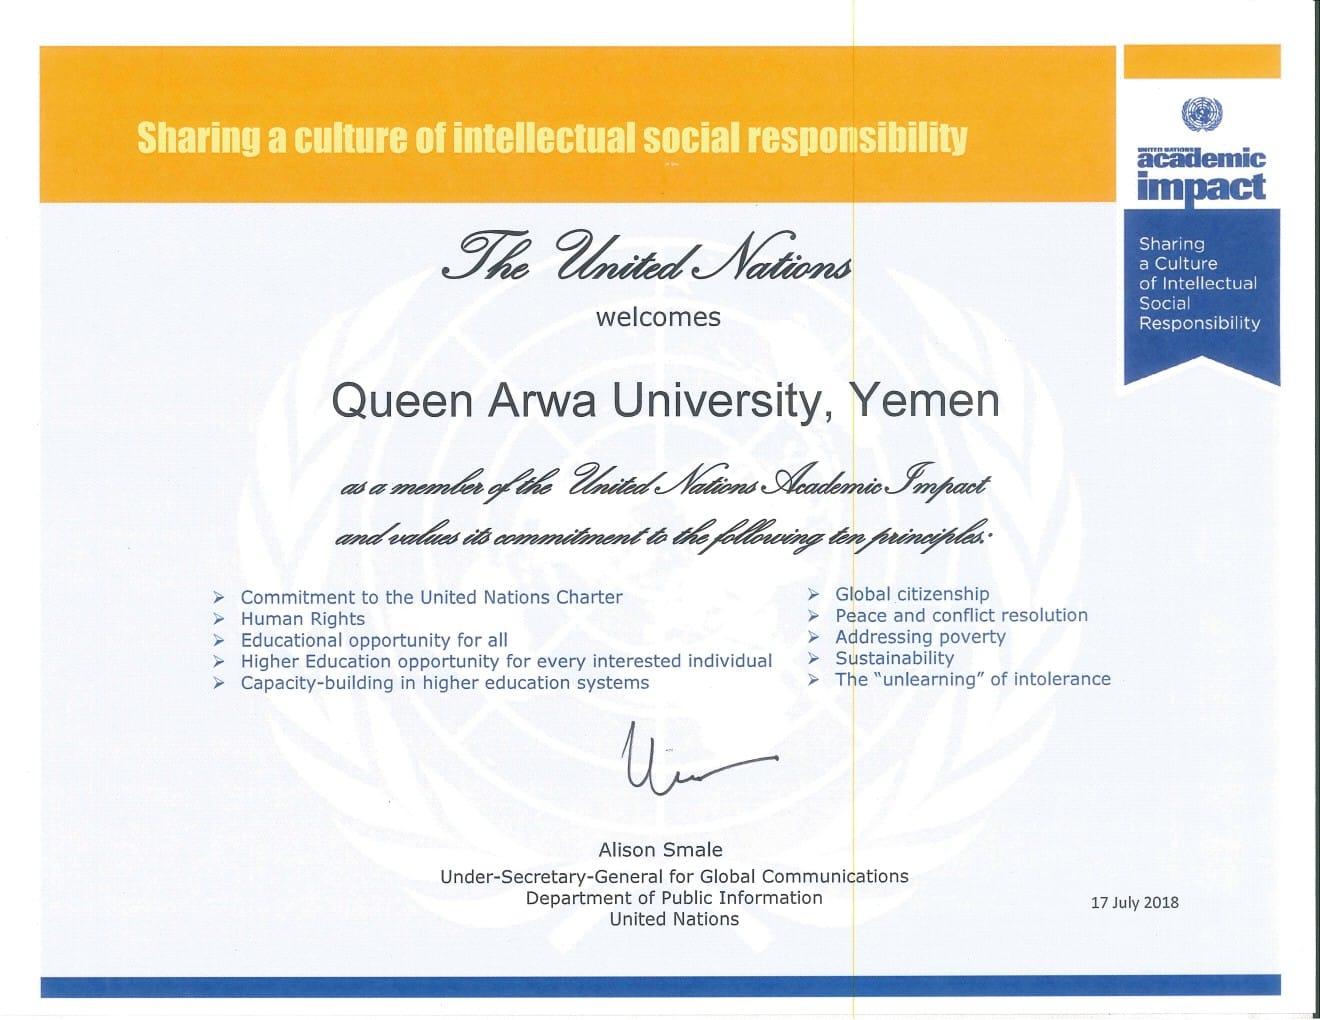 جامعة الملكة أروى تحصل علی العضوية في برنامج الأثر الأكاديمي التابع للأمم المتحدة وذلك ضمن ثلاث جامعات وطنية